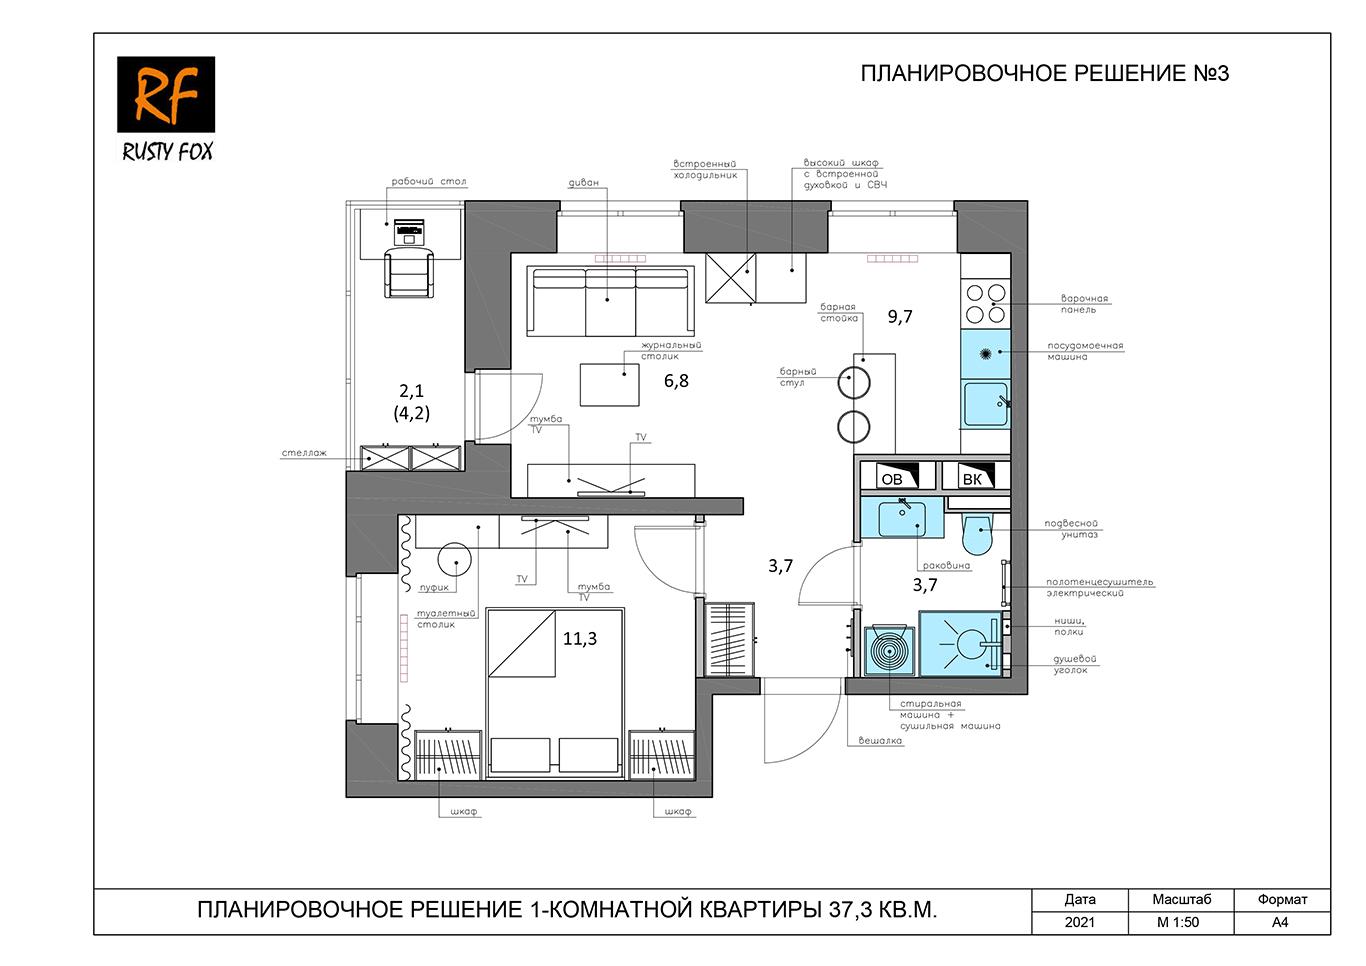 ЖК Люберцы корпус 52, секция 2. Планировочное решение №3 1-комнотной квартира 37,3 кв.м.